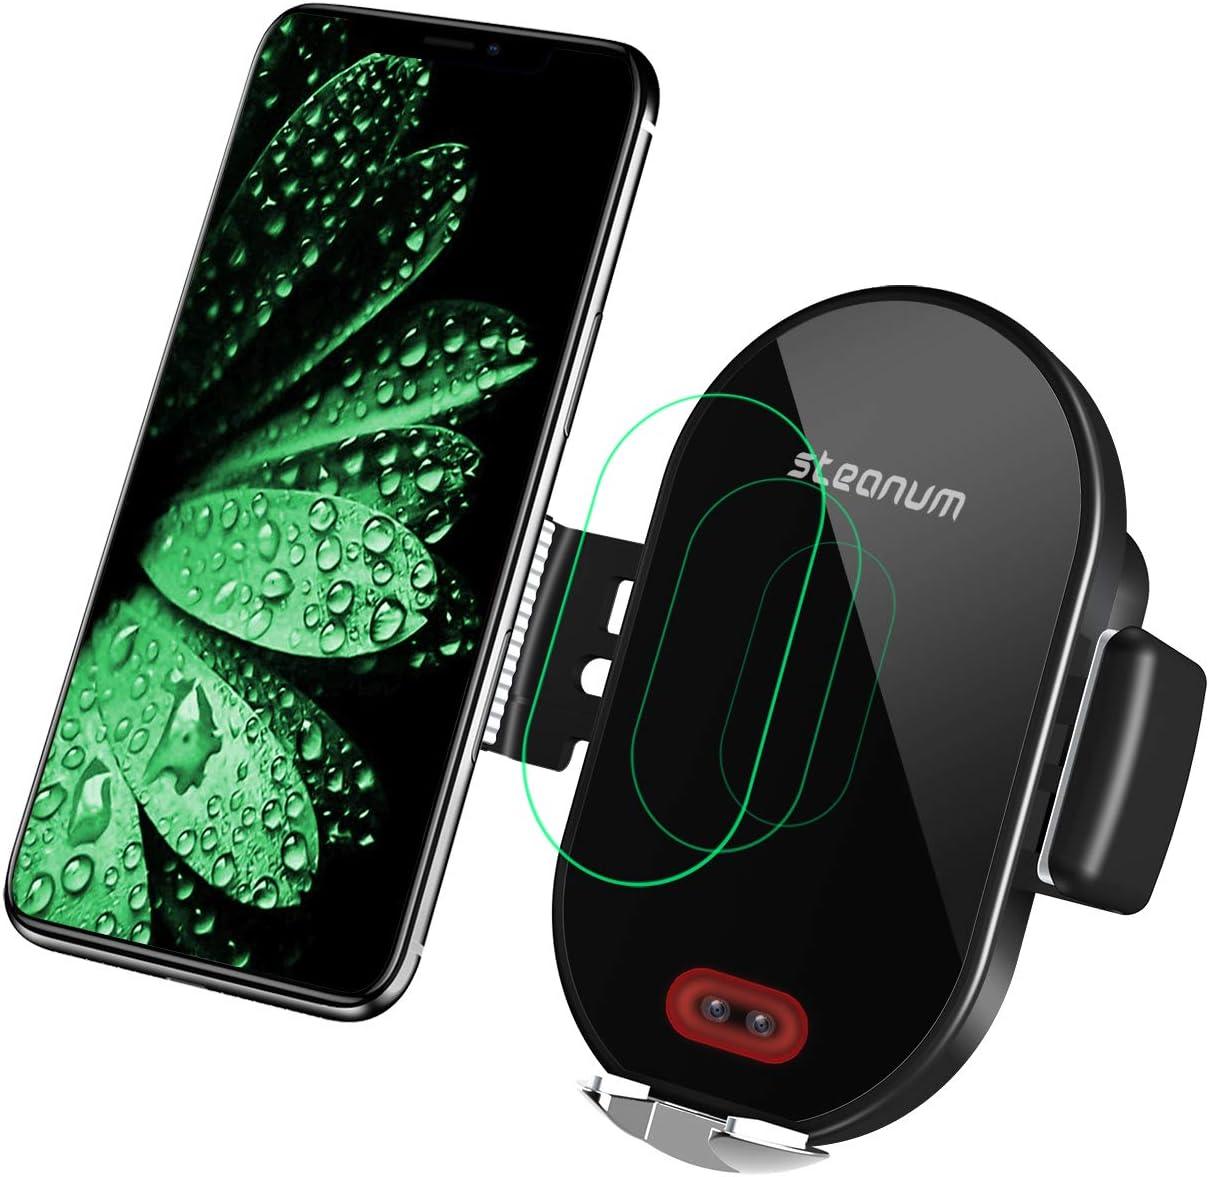 steanum Cargador inalámbrico Coche, Qi 10W Rápida Carga Sensor Infrarrojo Soporte Móvil con Rejilla Compatible con Galaxy s9/s9+/s8/s8+/s7, 7.5W Compatible para iPhone 11/11 Pro/XS/XS Max/XR/X/8/8+